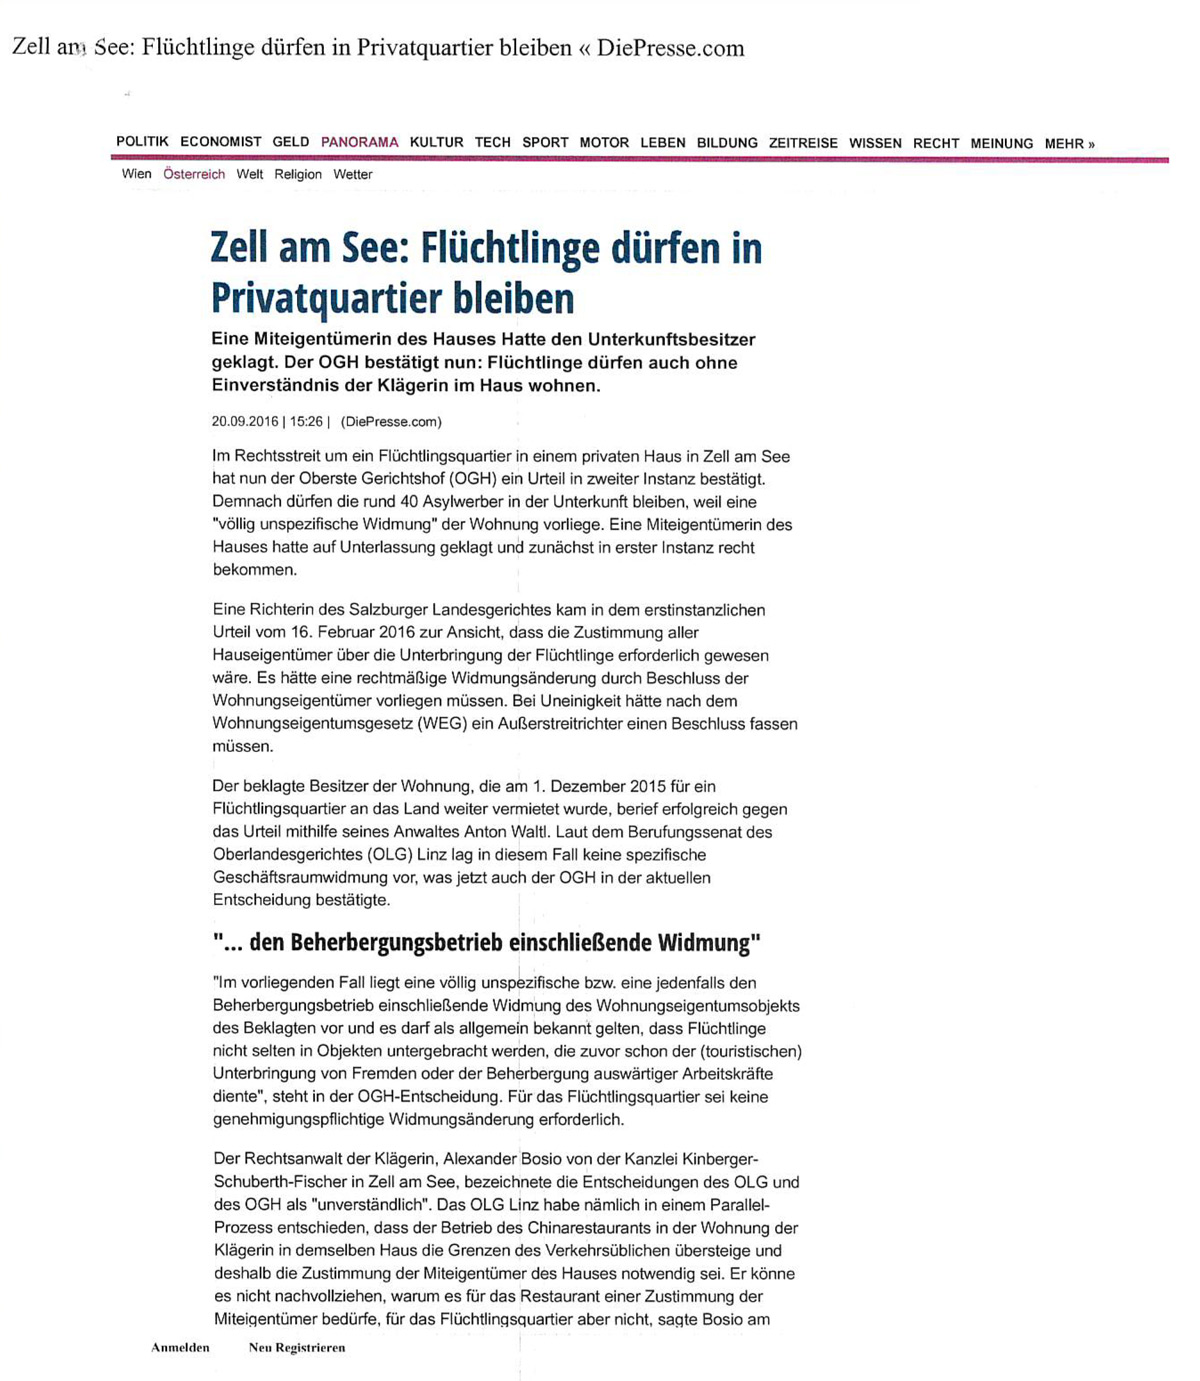 """""""Die Presse"""" 20.09.2016 """"Zell am See: Flüchtlinge dürfen in Privatquartier bleiben"""""""